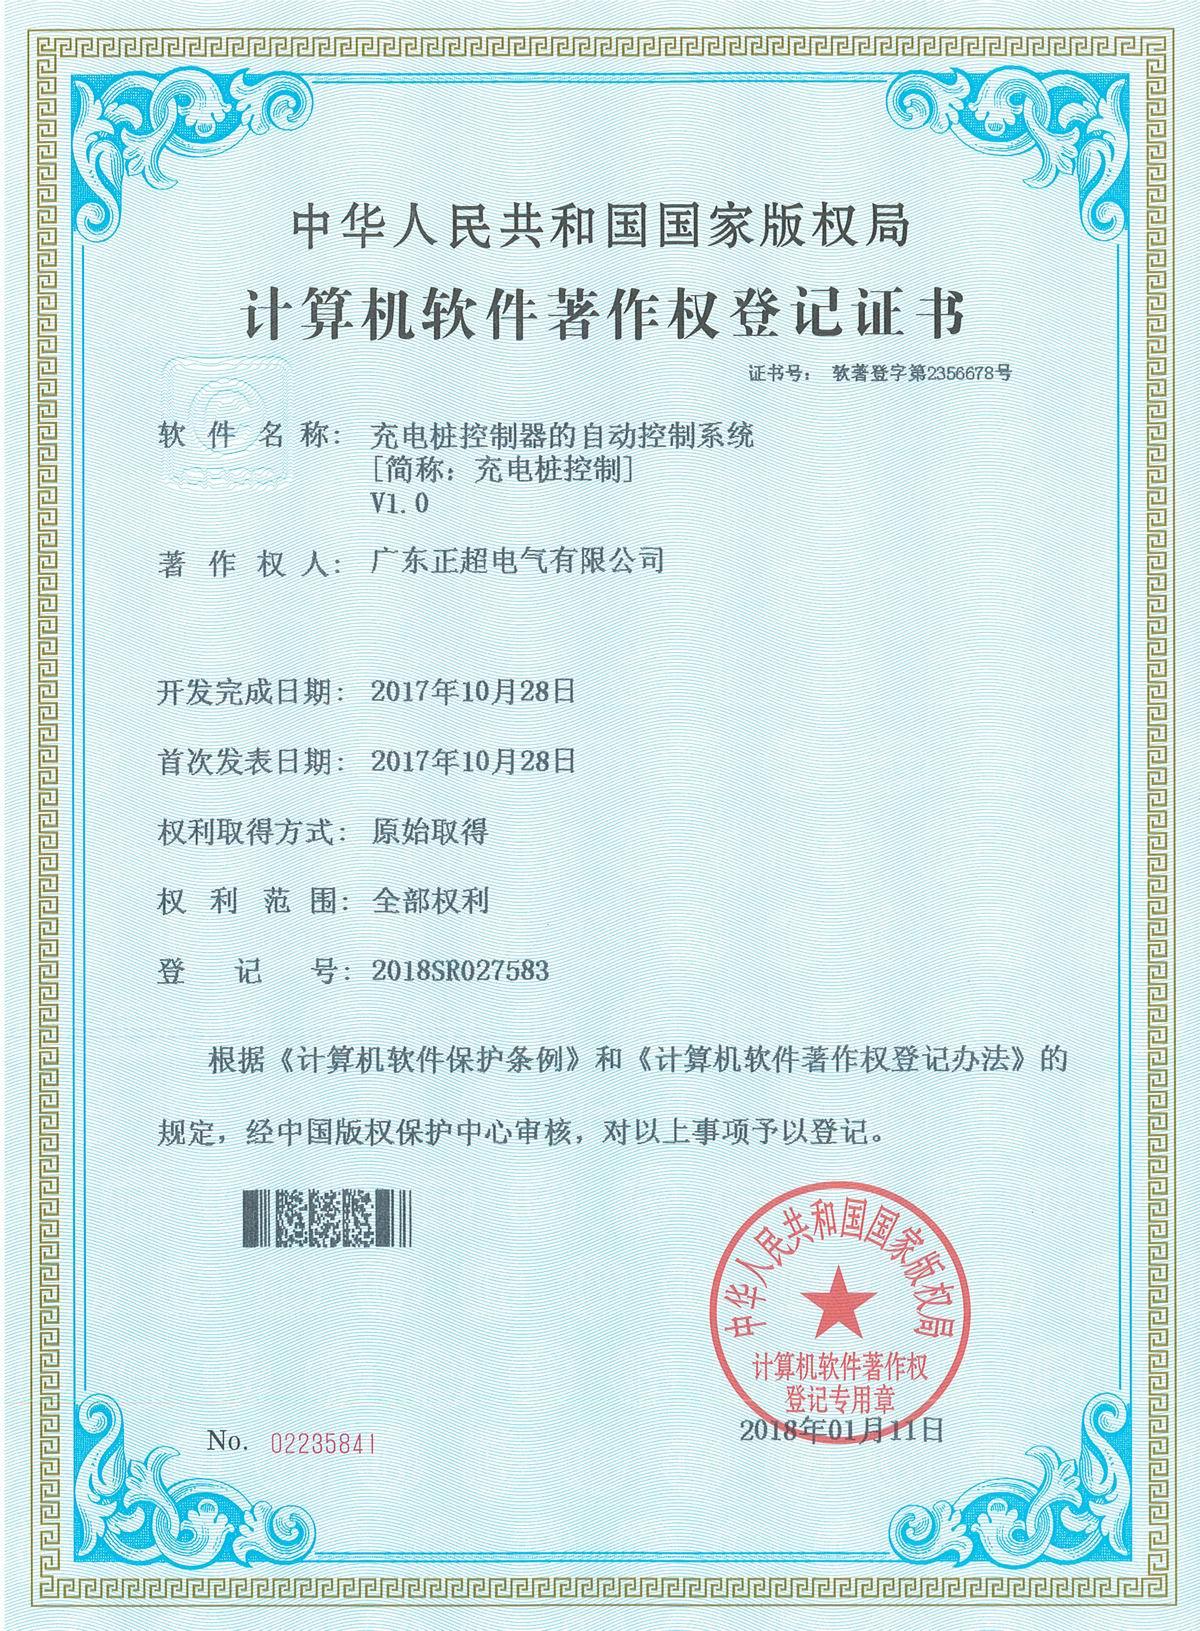 计算机软件著作权登记证书_充电桩控制